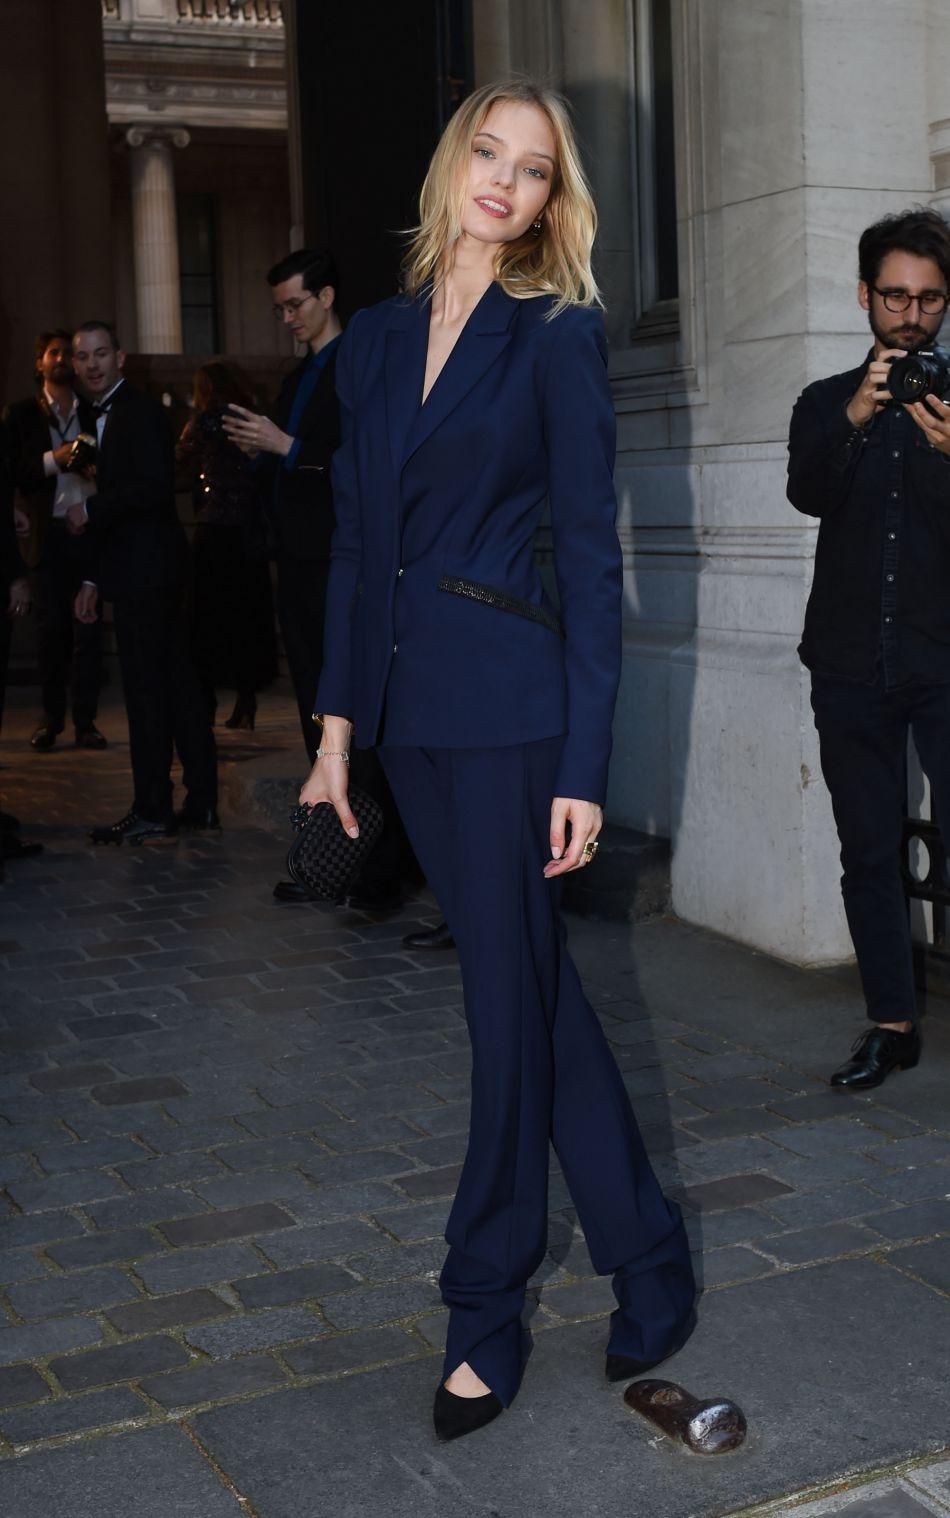 Le mannequin russe Sasha Luss prend la pose dans son costume bleu nuit. 0aefeb6c980